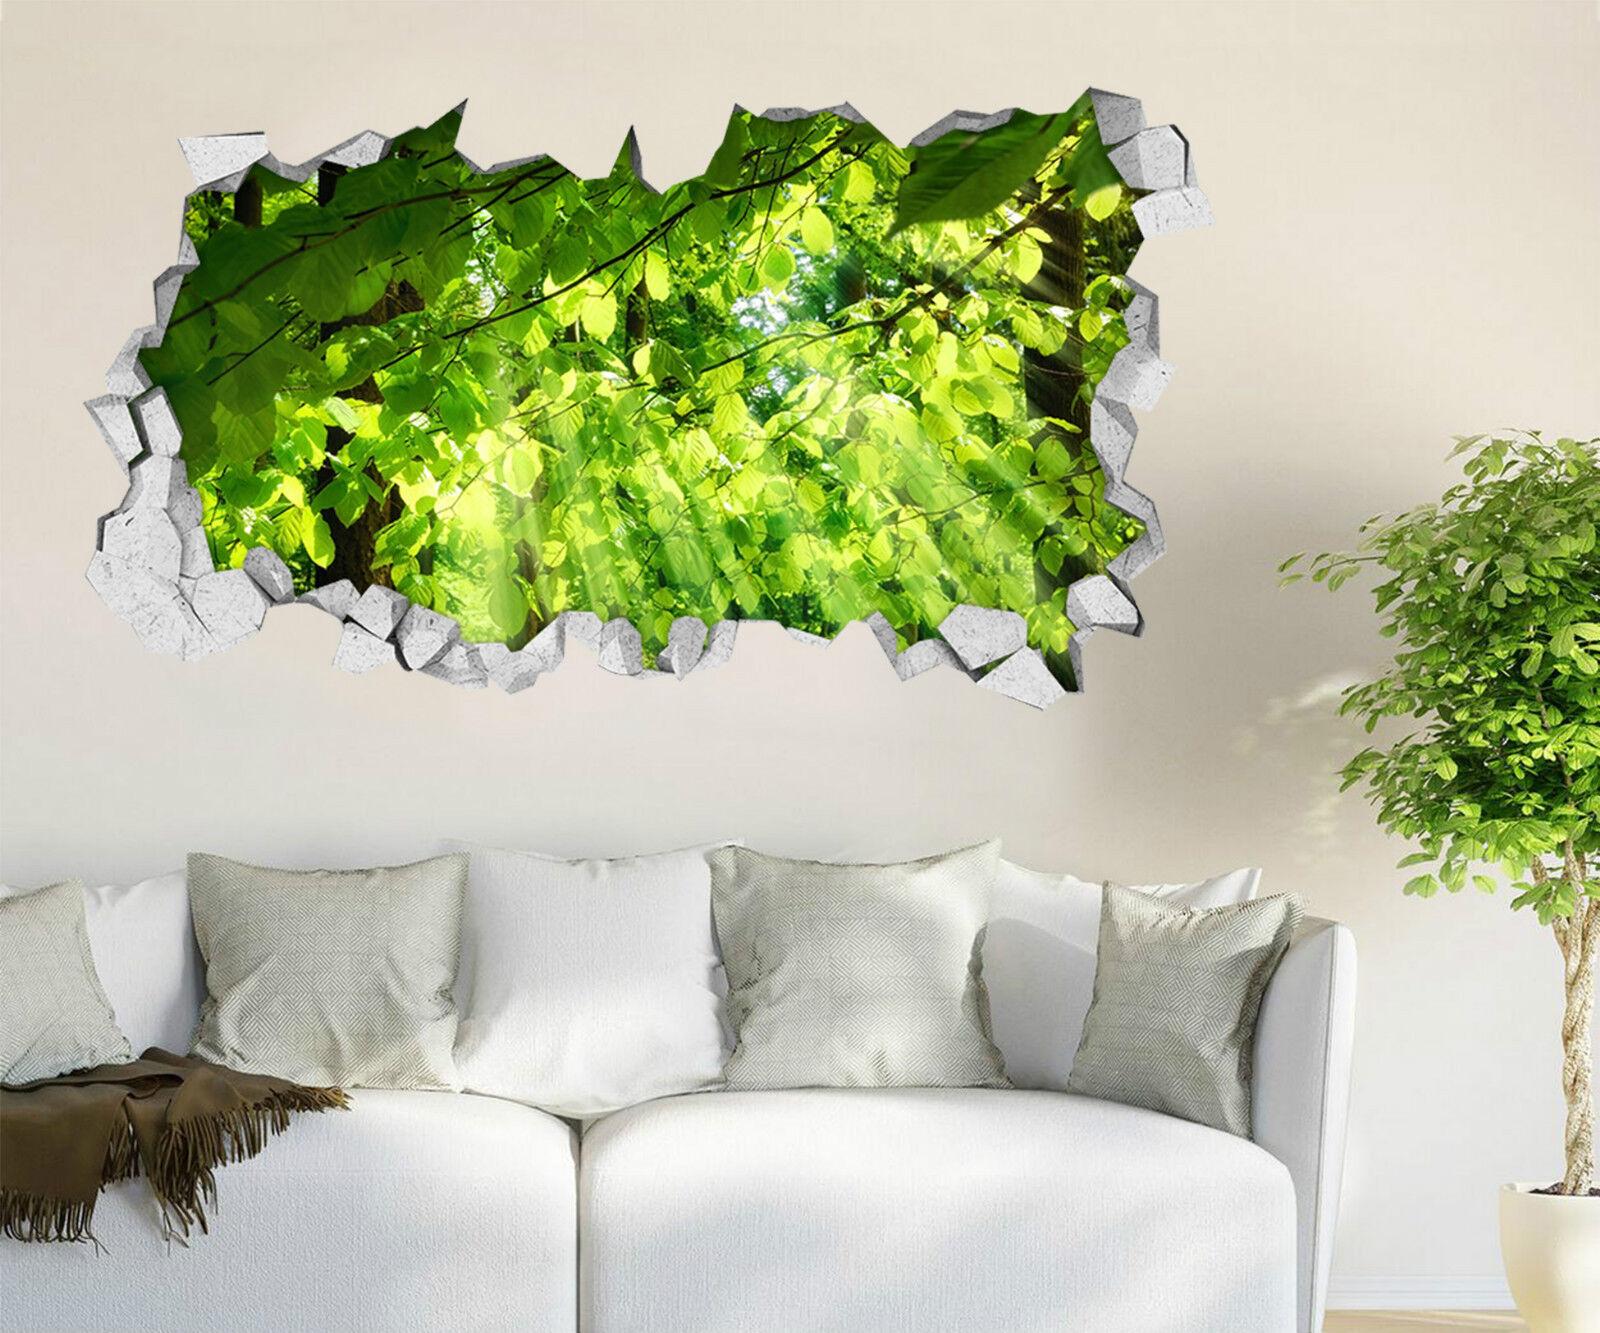 3D Grün Tree 528 Mauer Murals Aufklebe Decal Durchbruch AJ WALLPAPER DE Lemon